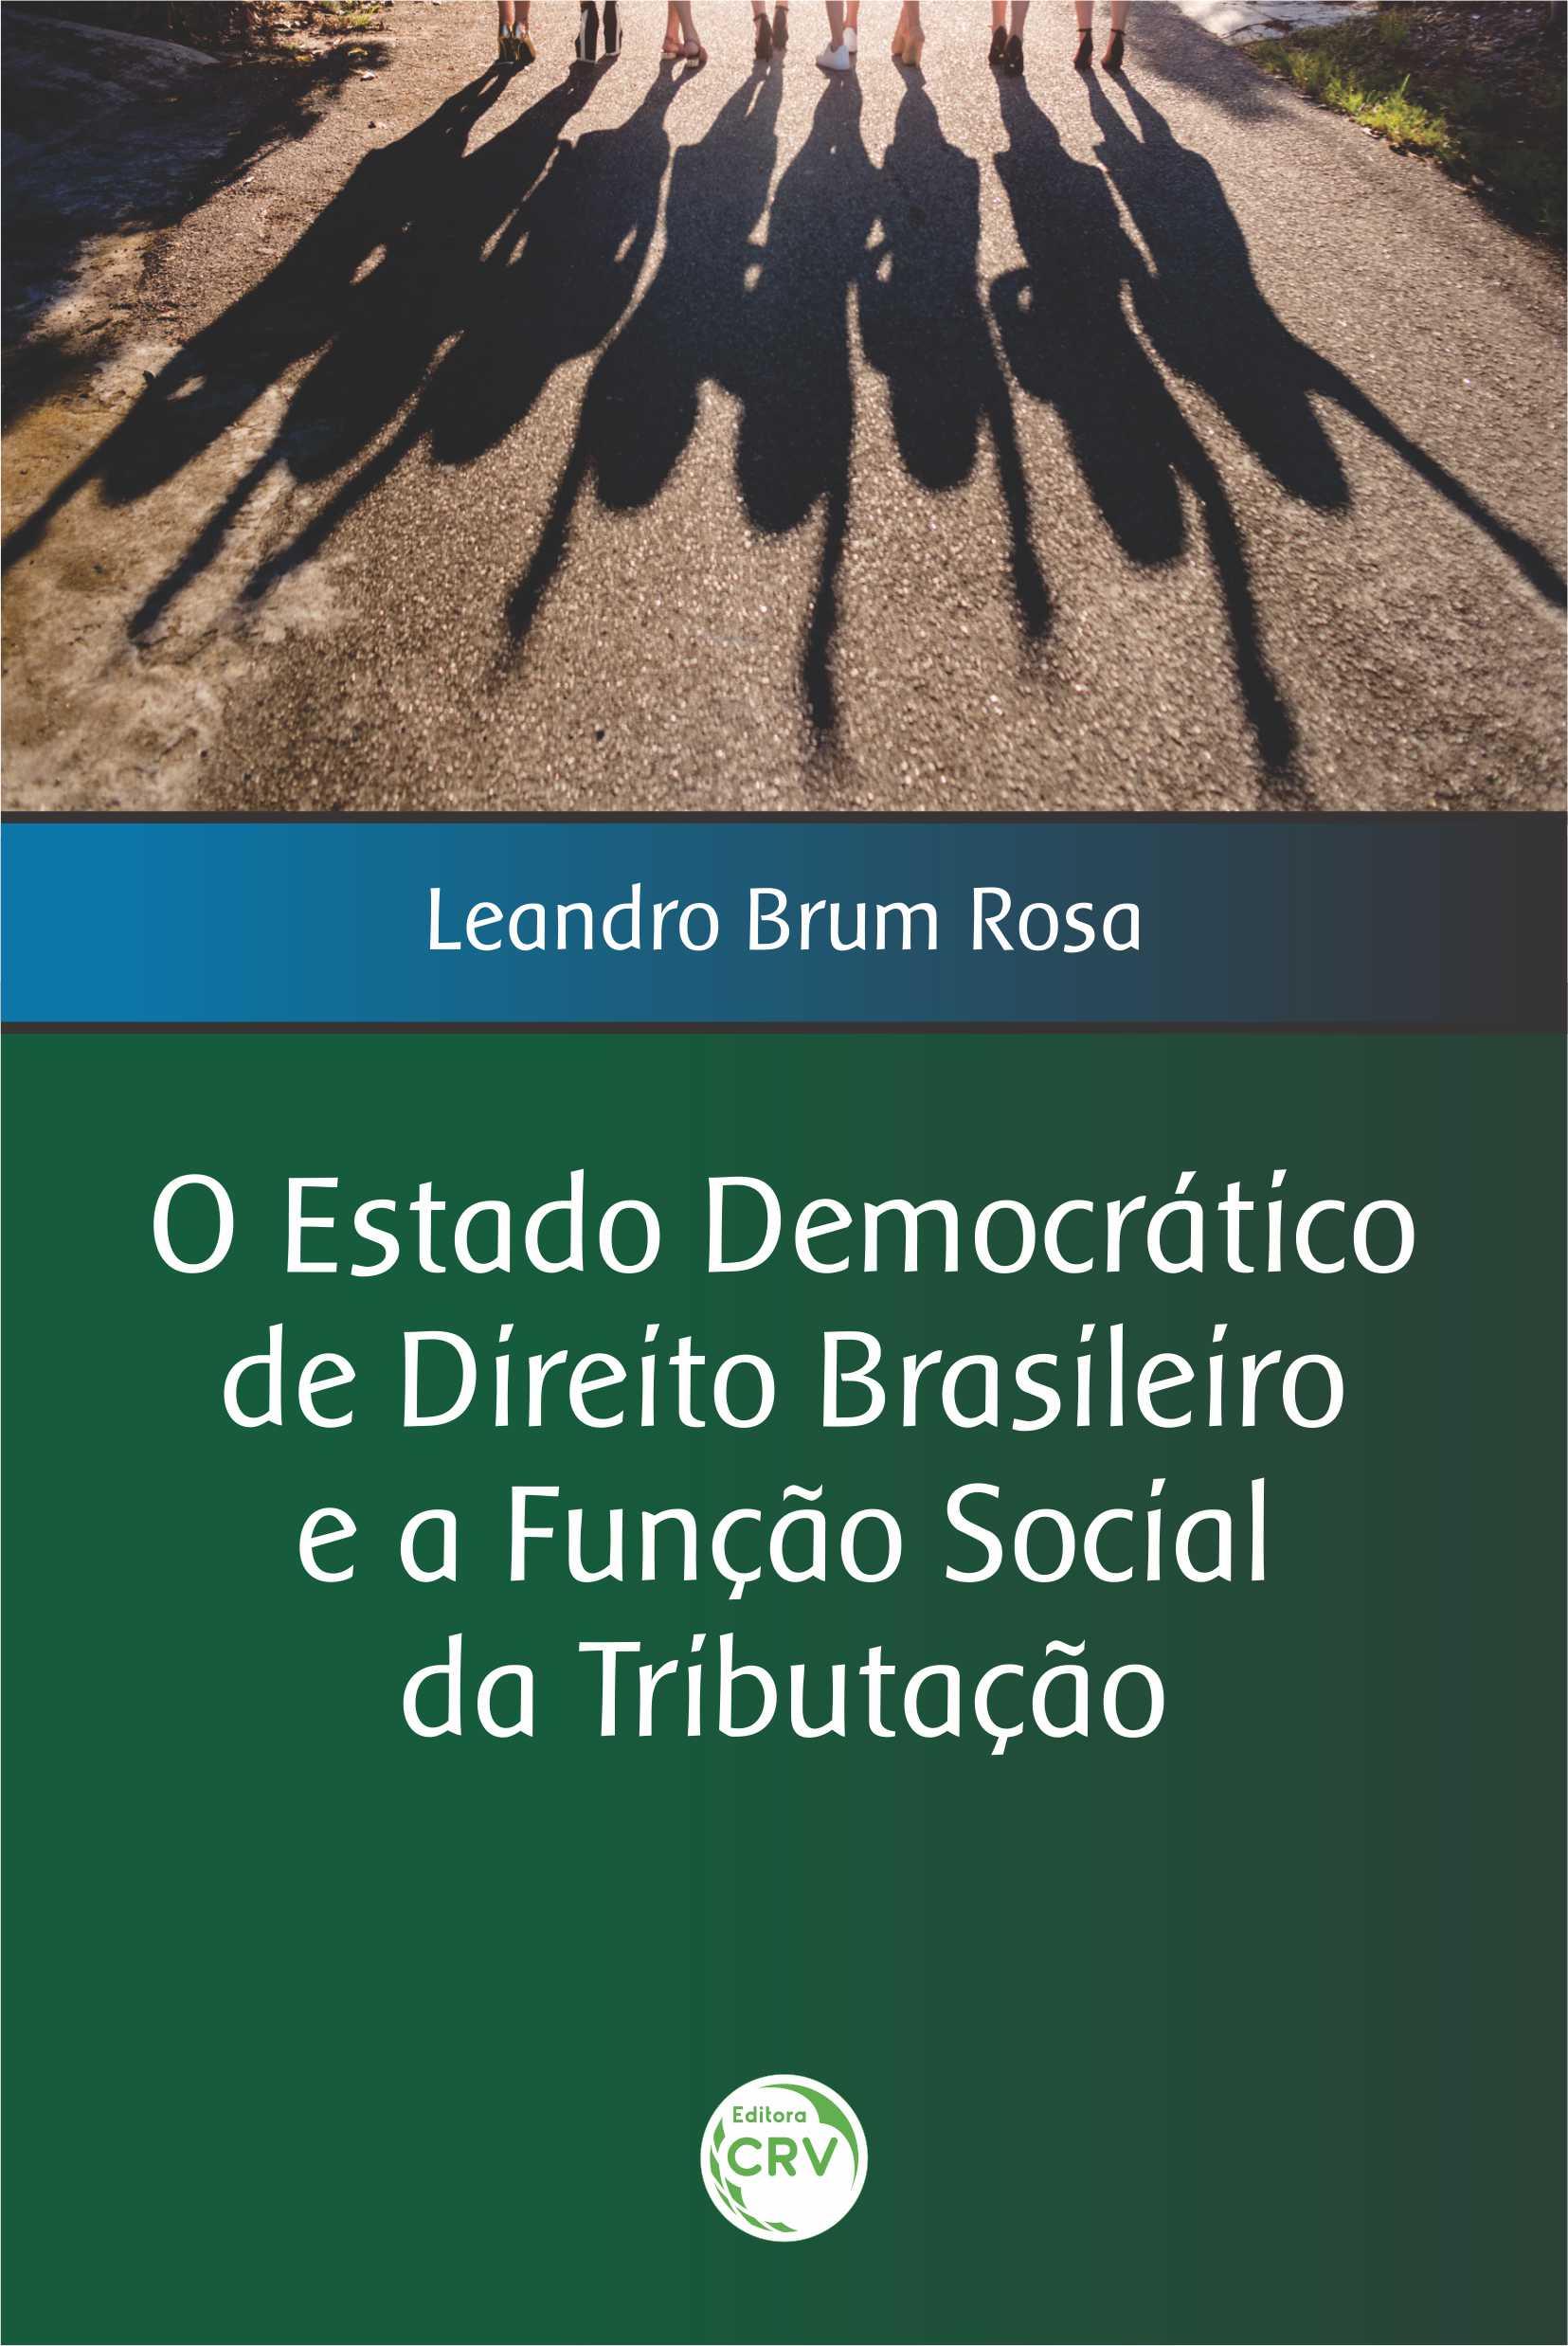 Capa do livro: O ESTADO DEMOCRÁTICO DE DIREITO BRASILEIRO E A FUNÇÃO SOCIAL DA TRIBUTAÇÃO